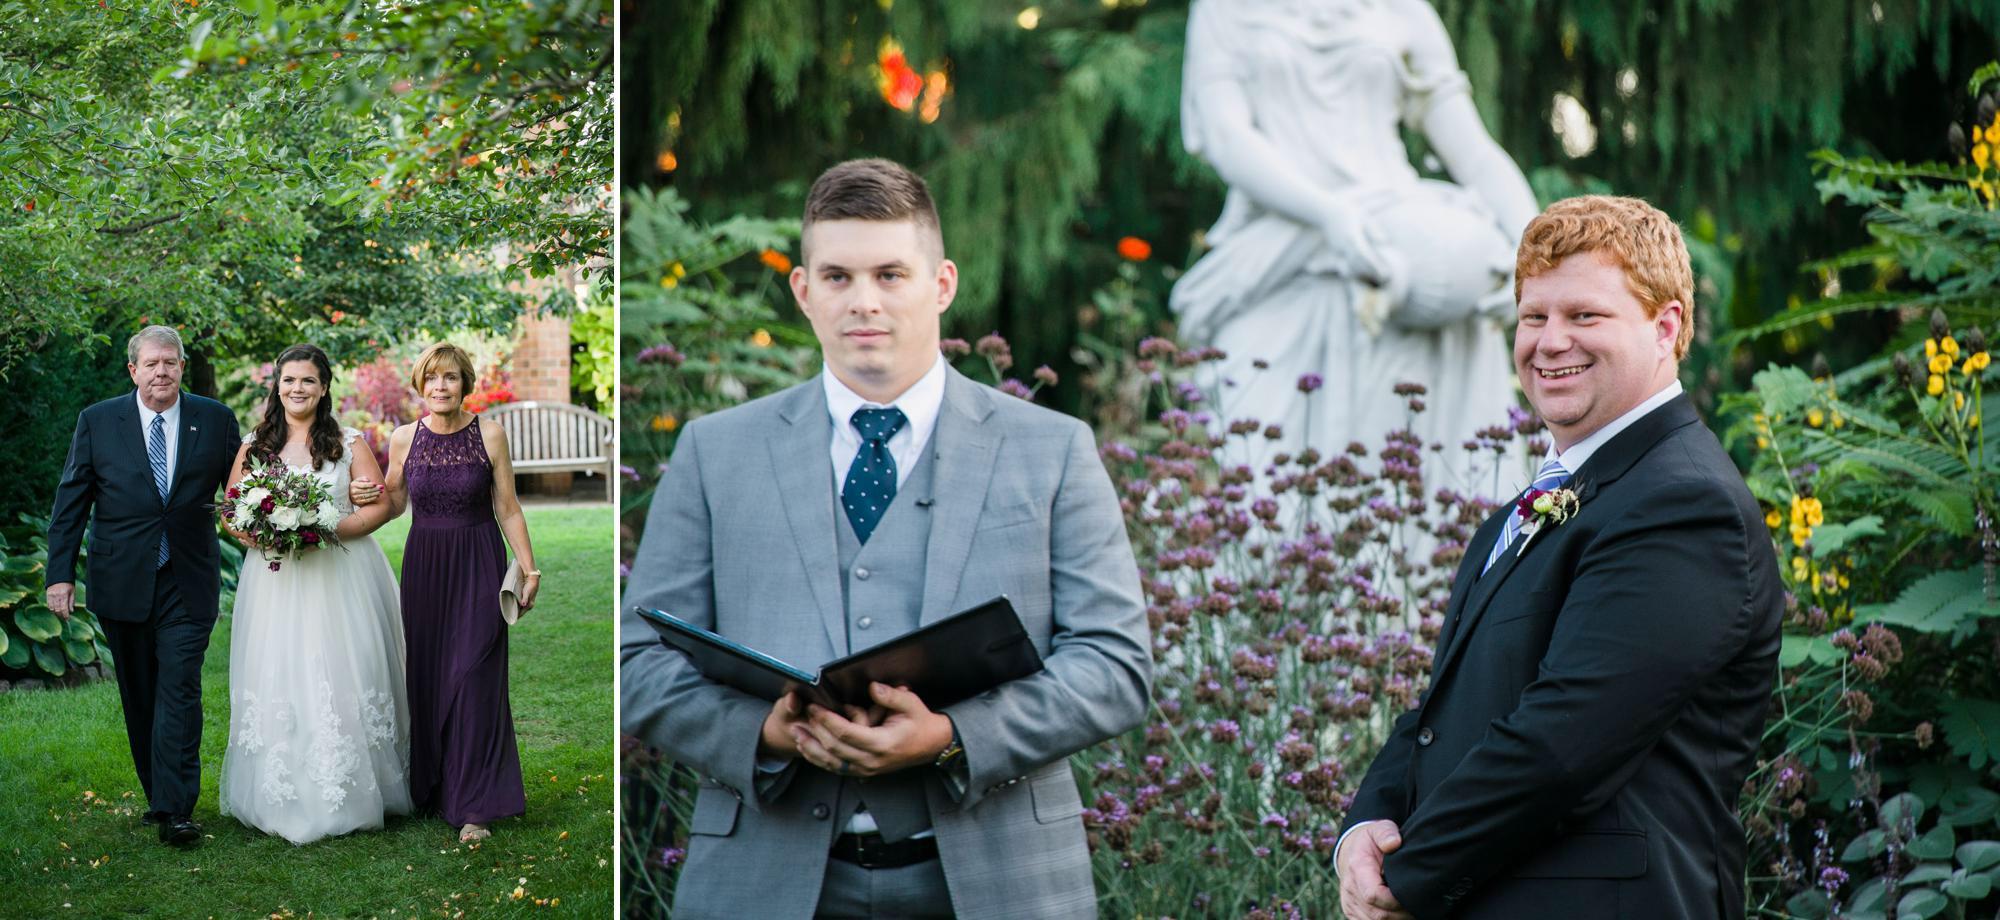 toledo-zoo-wedding-pictures-145.jpg